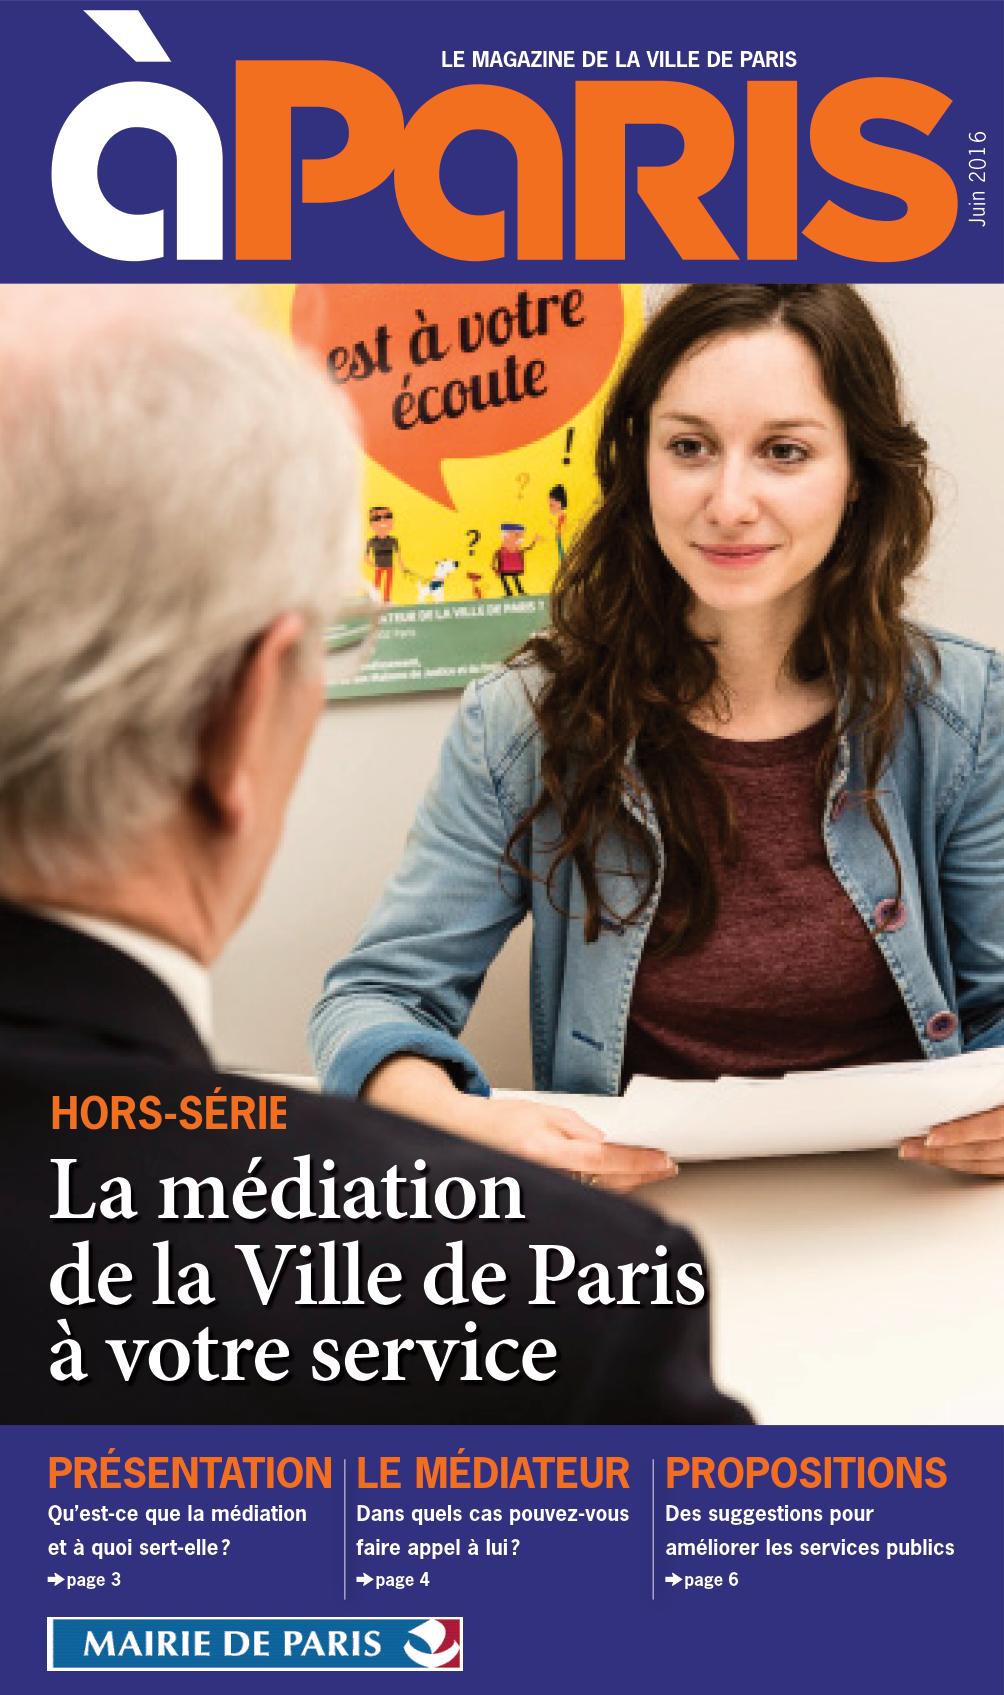 https://mediation.paris.fr/mediation/document?id=92&nocache